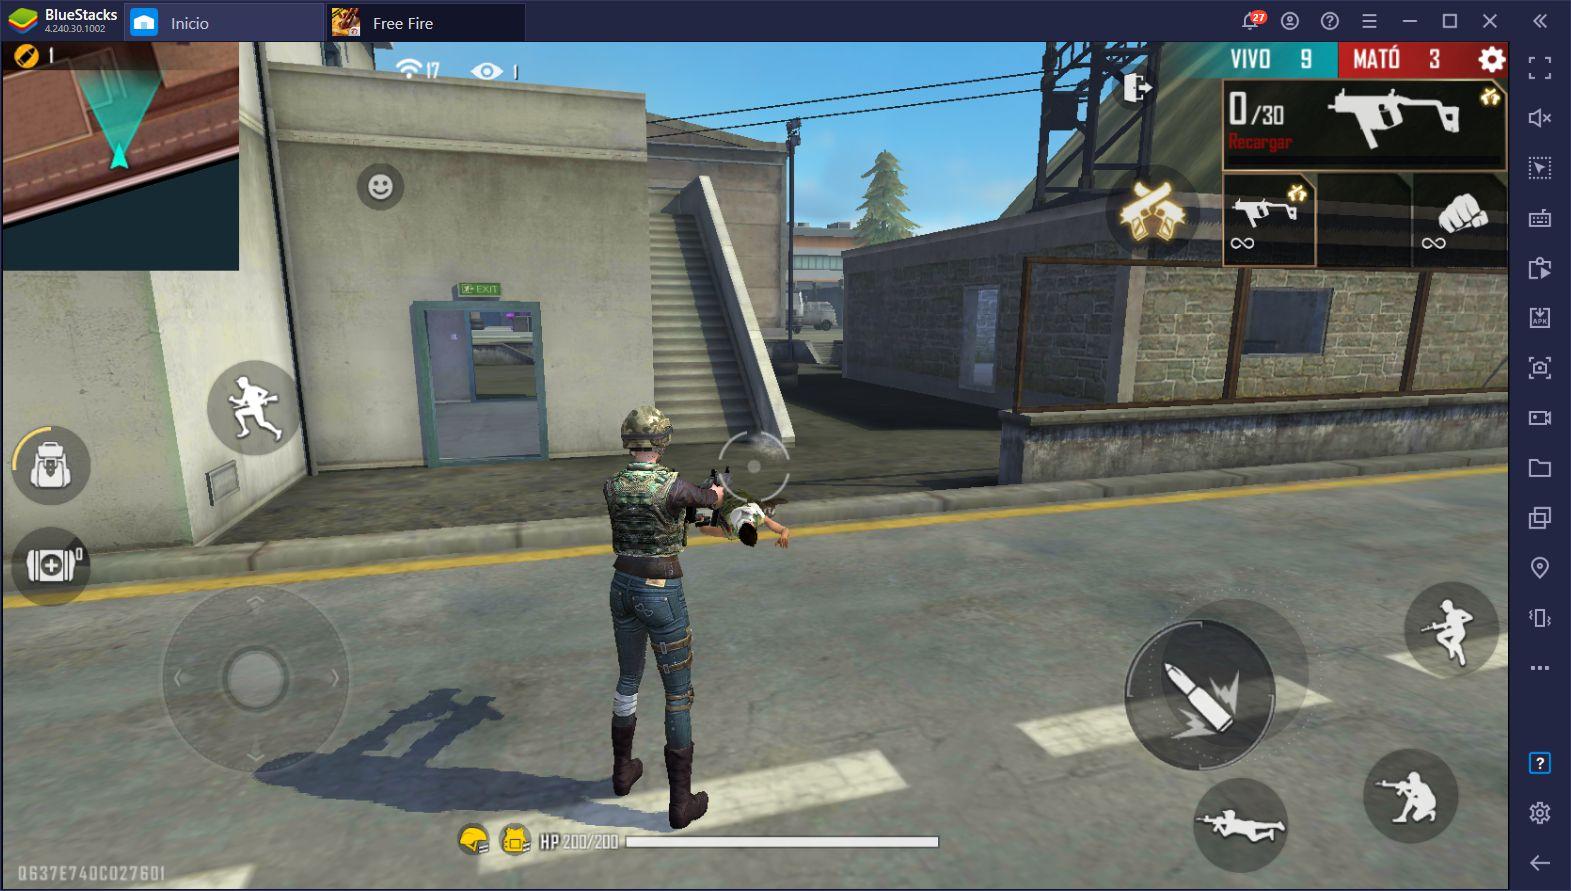 Garena Free Fire Obtendrá Mejoras al Mapa de Entrenamiento y su Primera Arma Akimbo